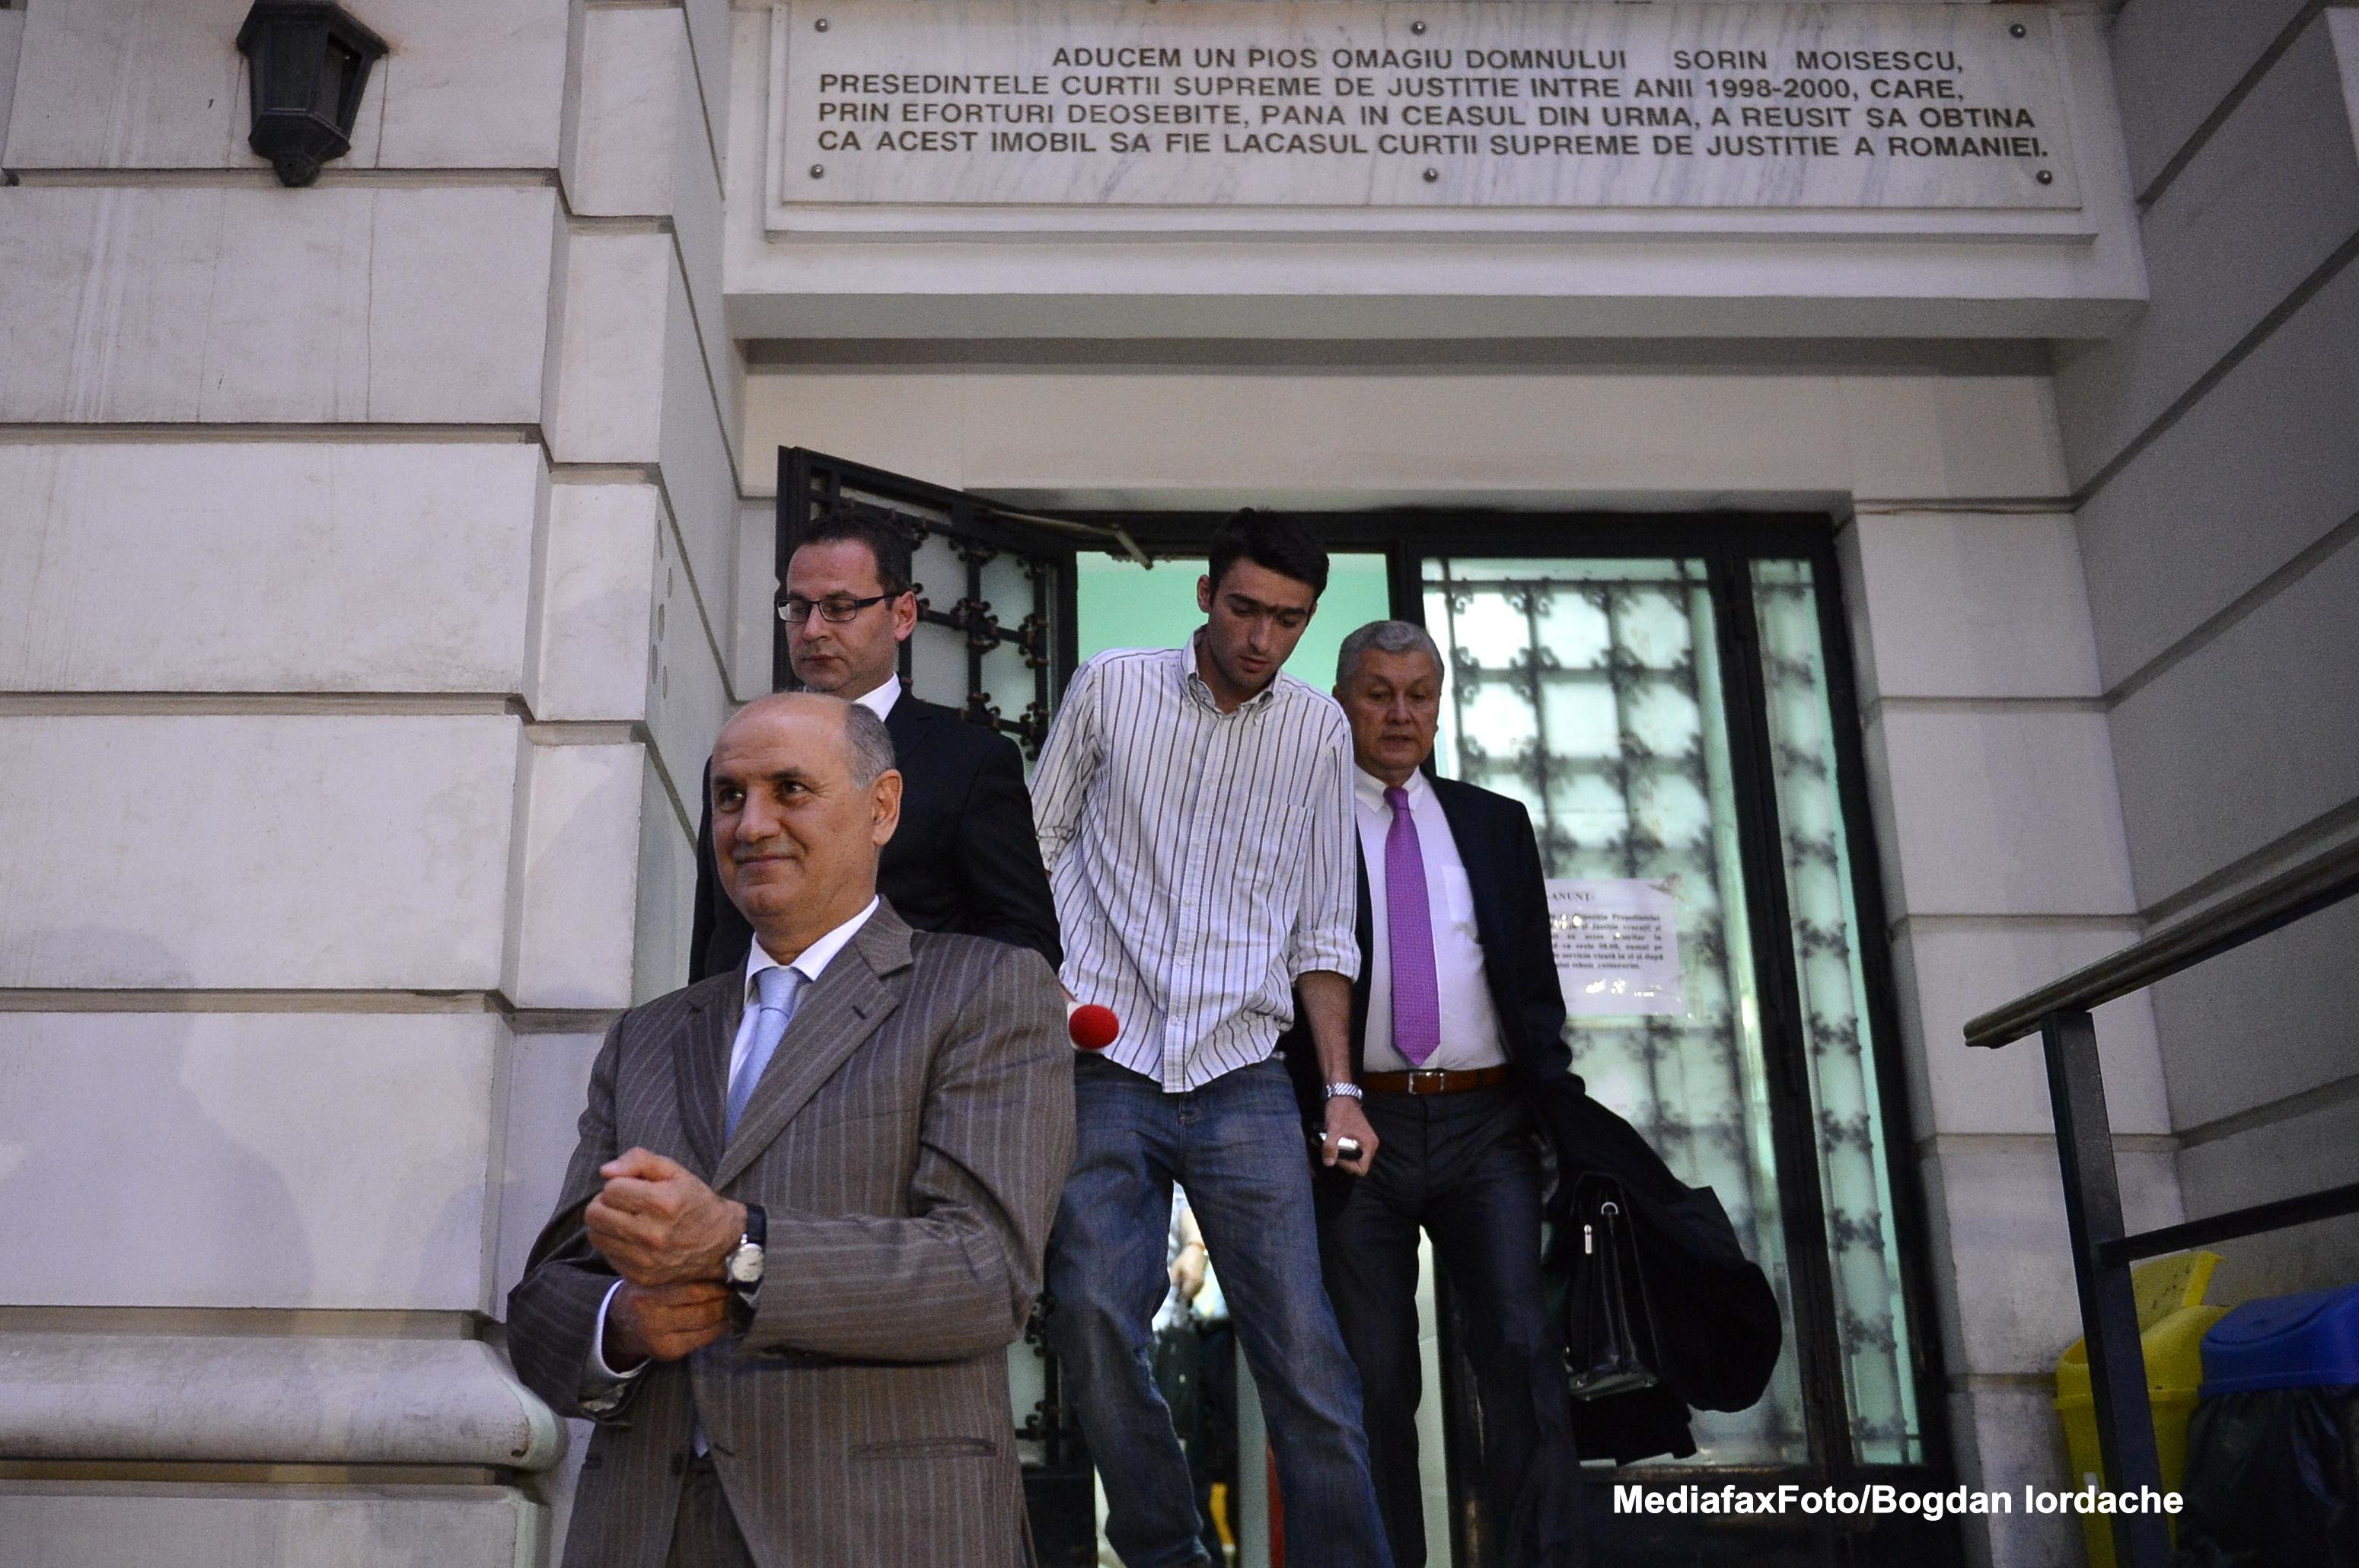 George Copos ar putea fi eliberat conditionat, dupa ce Penitenciarul Rahova i-a aprobat cererea. Cand s-ar putea intampla